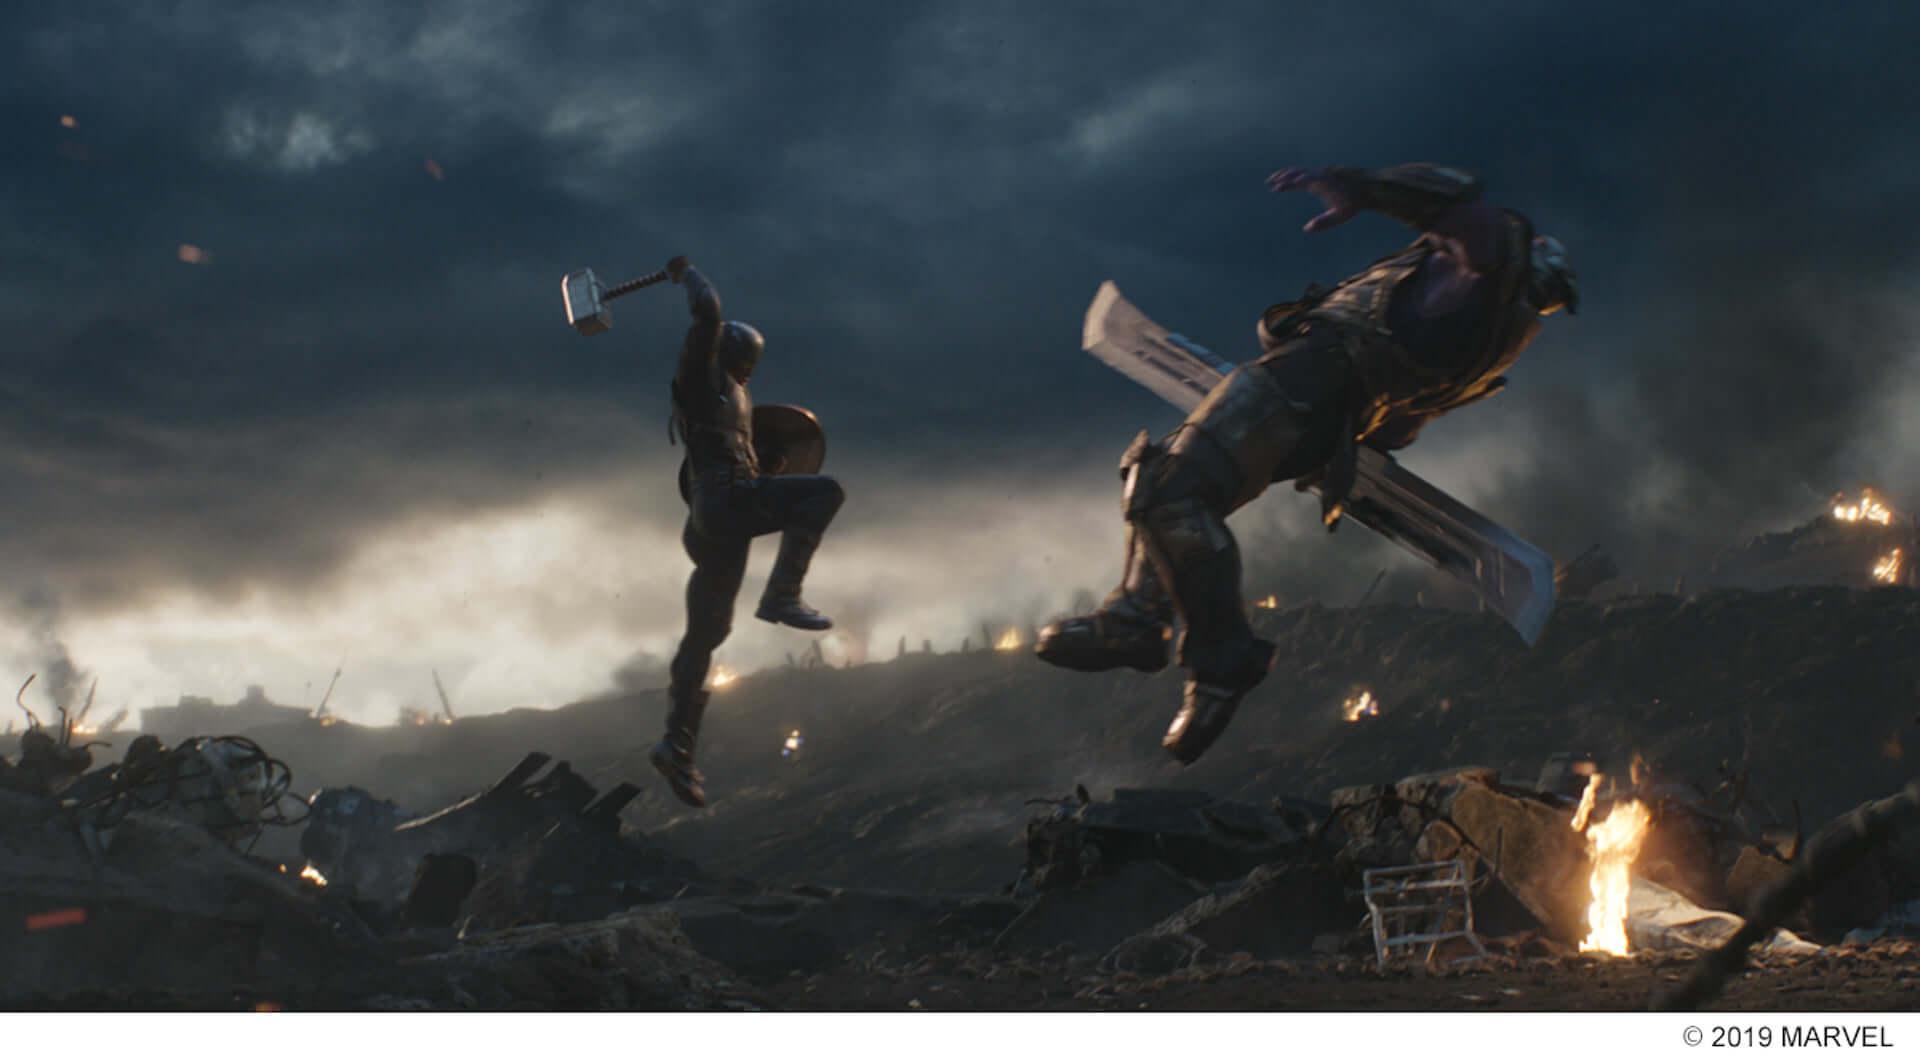 """ルッソ監督に""""3000回愛してる""""を届けよう!『アベンジャーズ/エンドゲーム』特別キャンペーンがスタート video190712_avengers_endgame_4-1920x1061"""